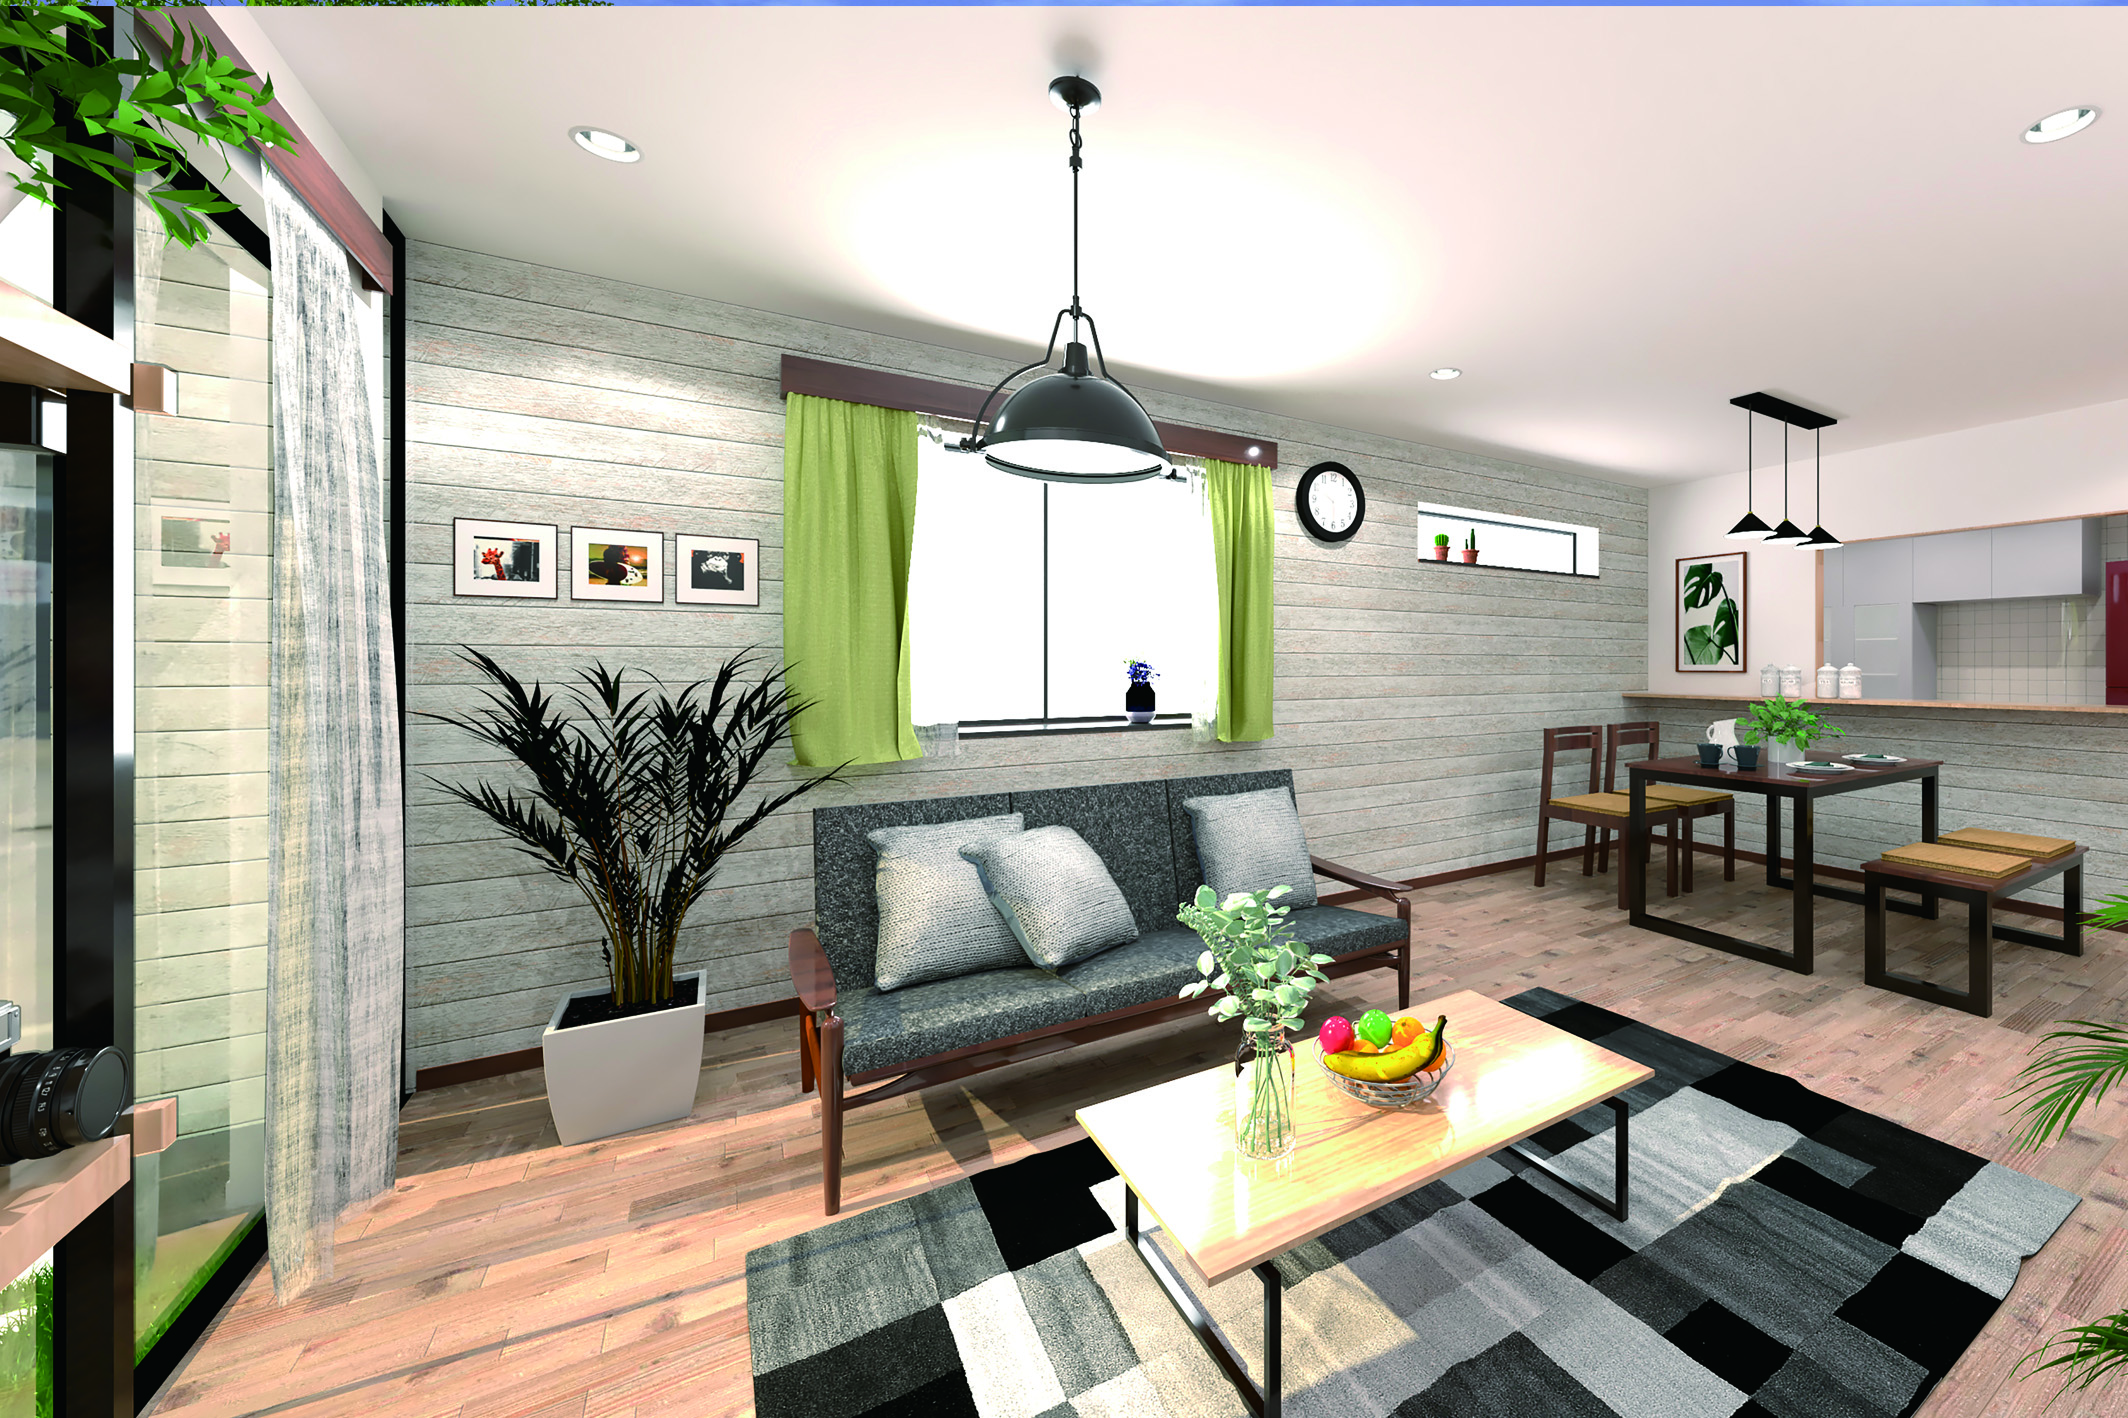 外観デザインで使用している外壁材を室内の壁に取り入れる事によって内と外が繋がる寛ぎのスペースを生み出します。